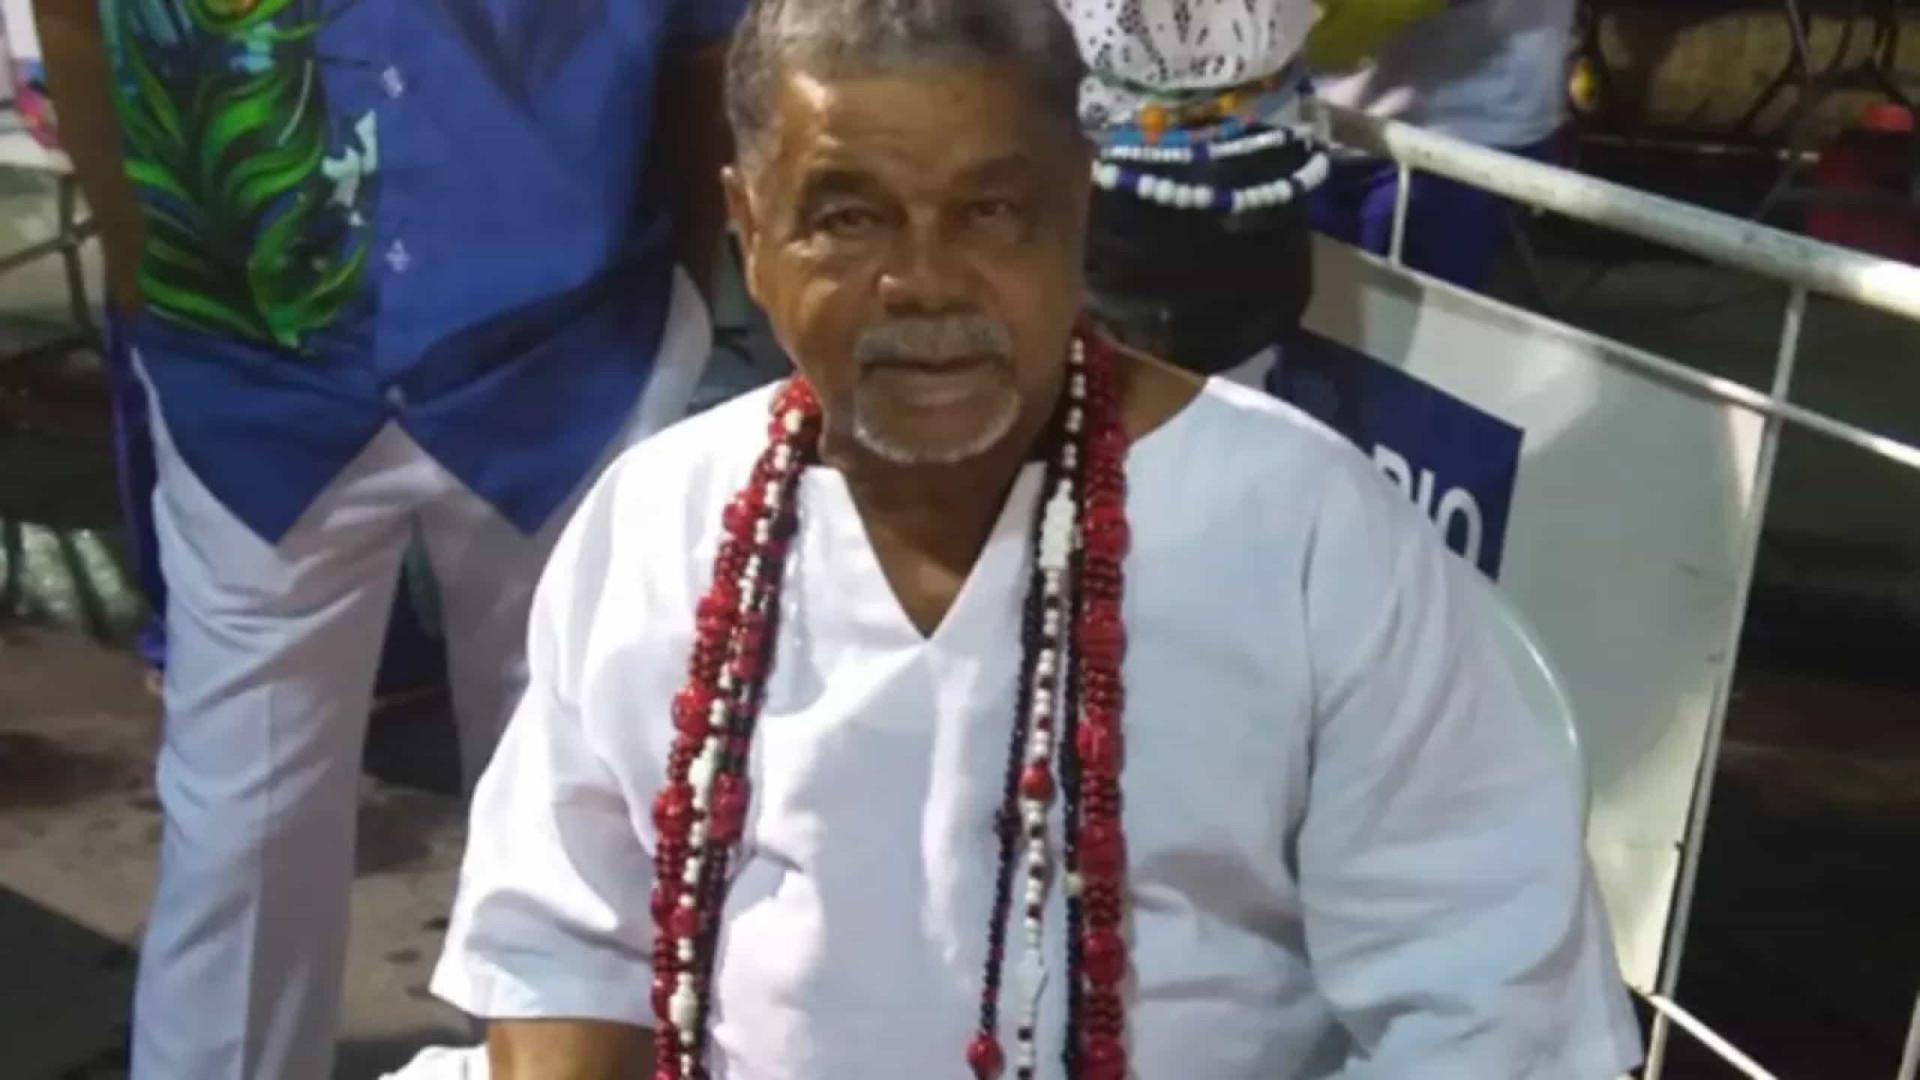 Morre o diretor de Carnaval Laíla, aos 78 anos, de Covid-19